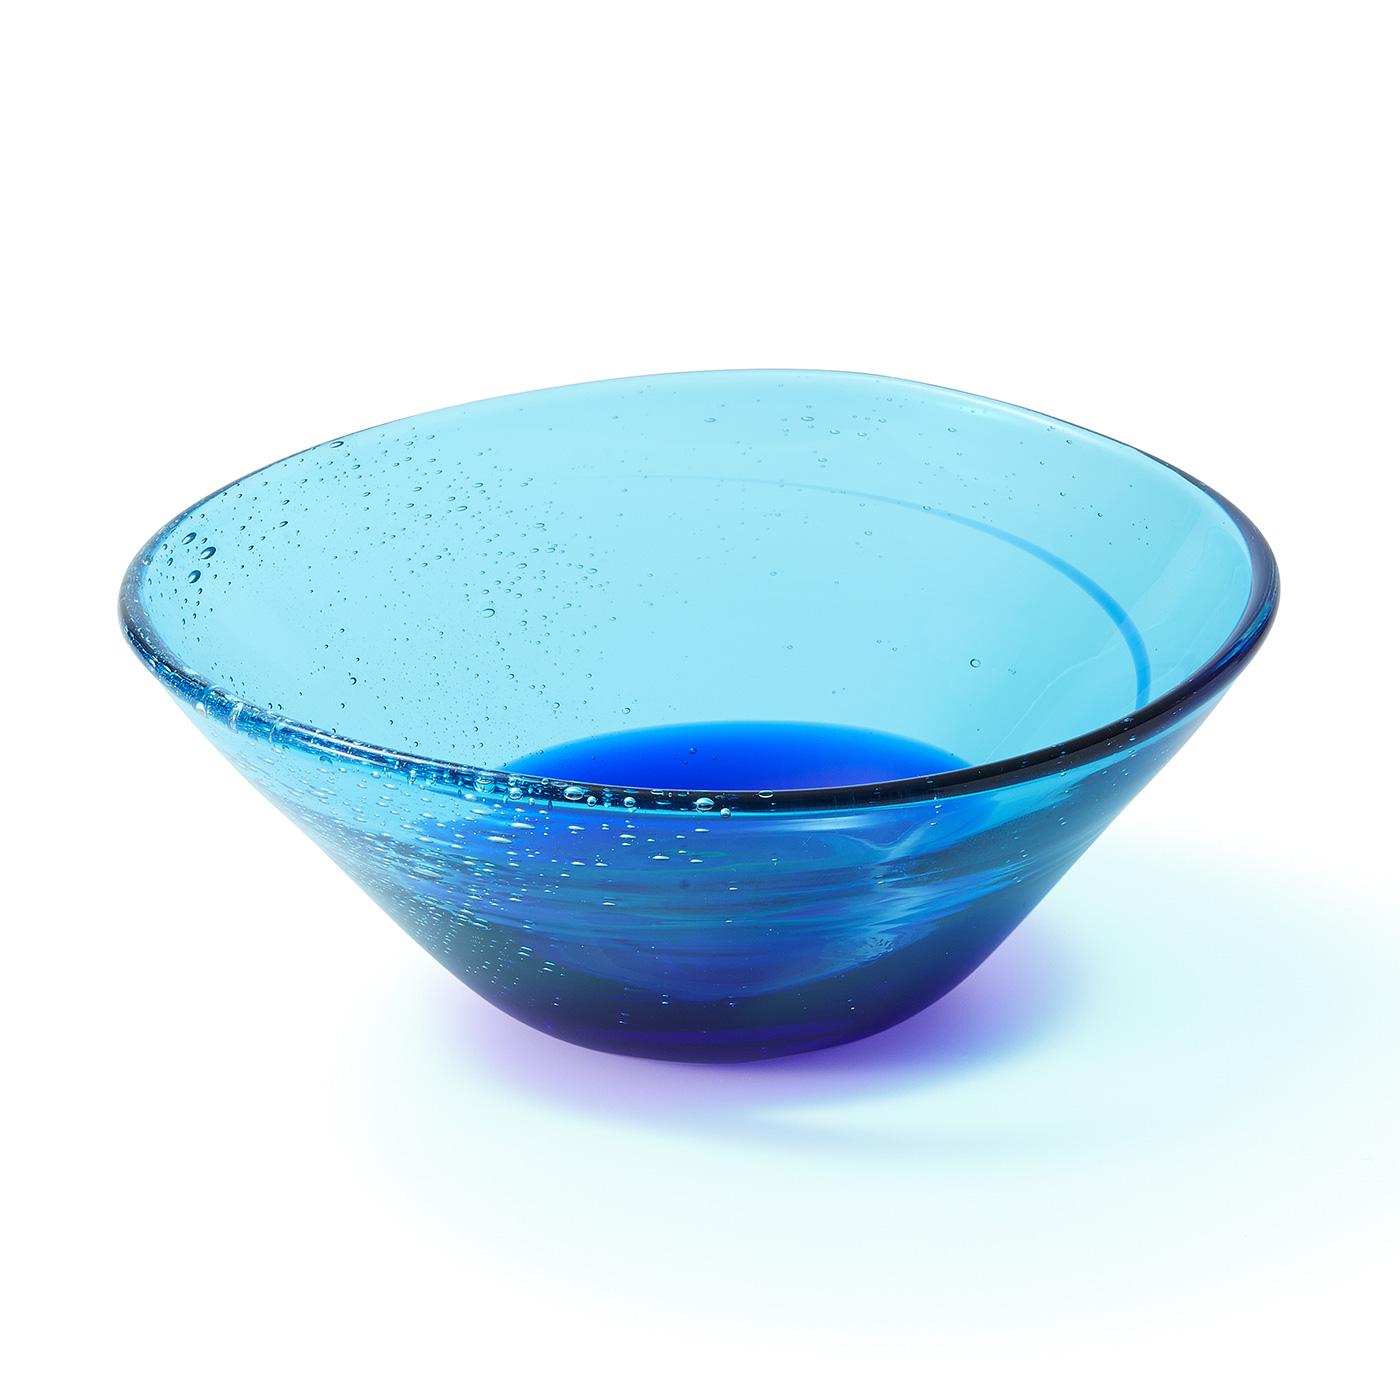 〈碧(あお)にとける泡沫〉海中の深みに潜り、見上げた様子をイメージ。気泡は紺碧に溶ける呼吸のよう。